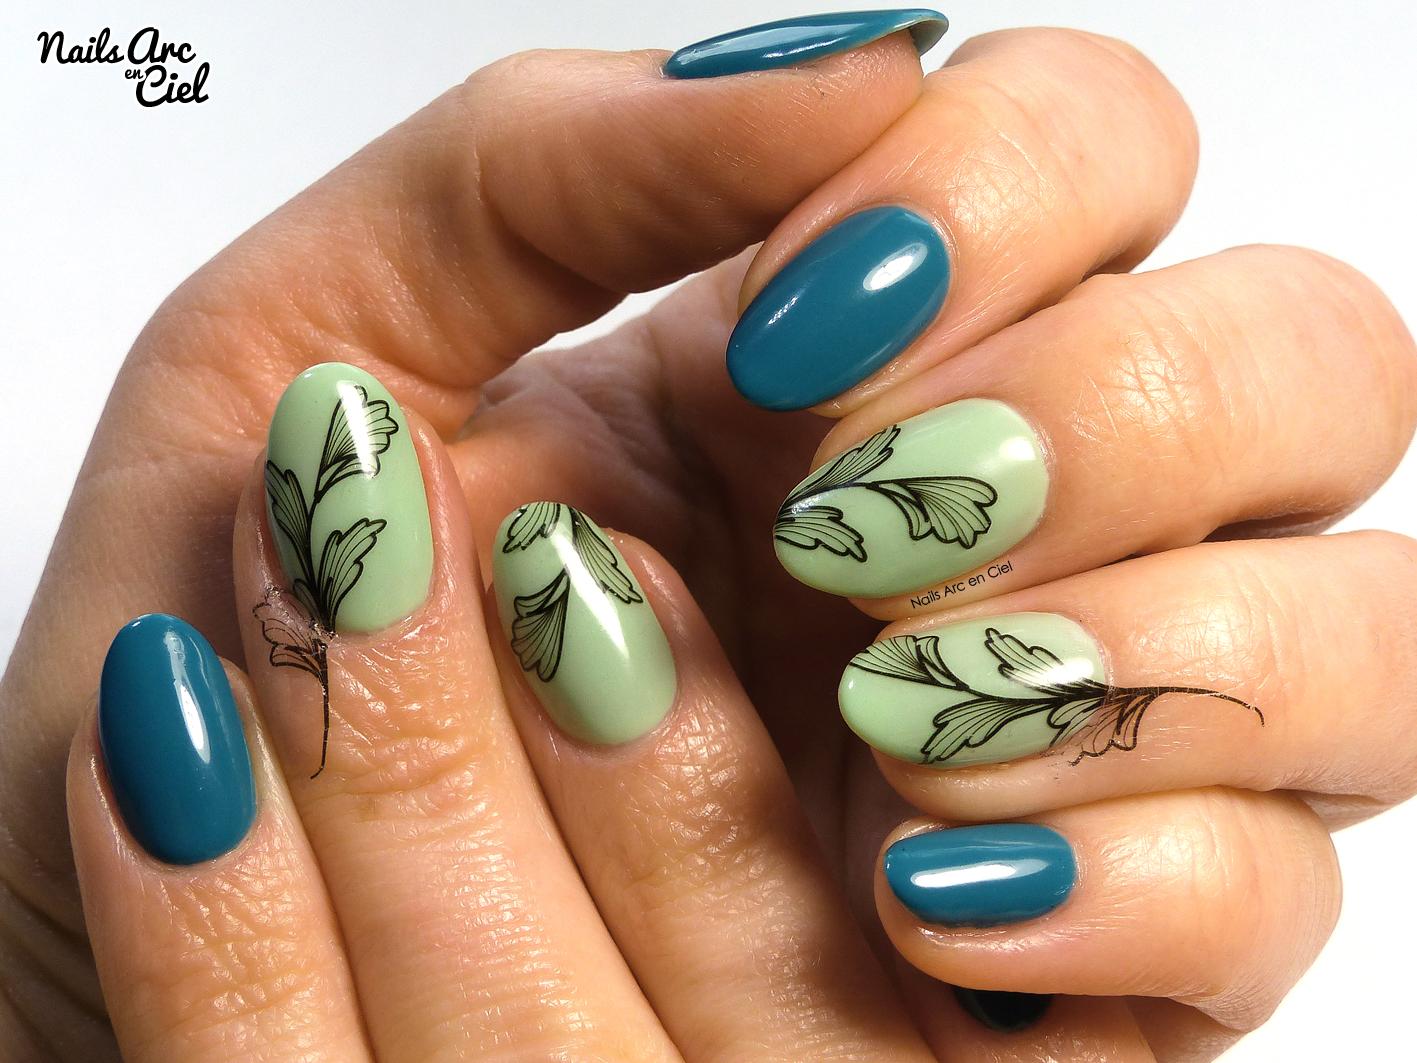 nails arc en ciel nail art tatoos d 39 ongles et cuticules. Black Bedroom Furniture Sets. Home Design Ideas